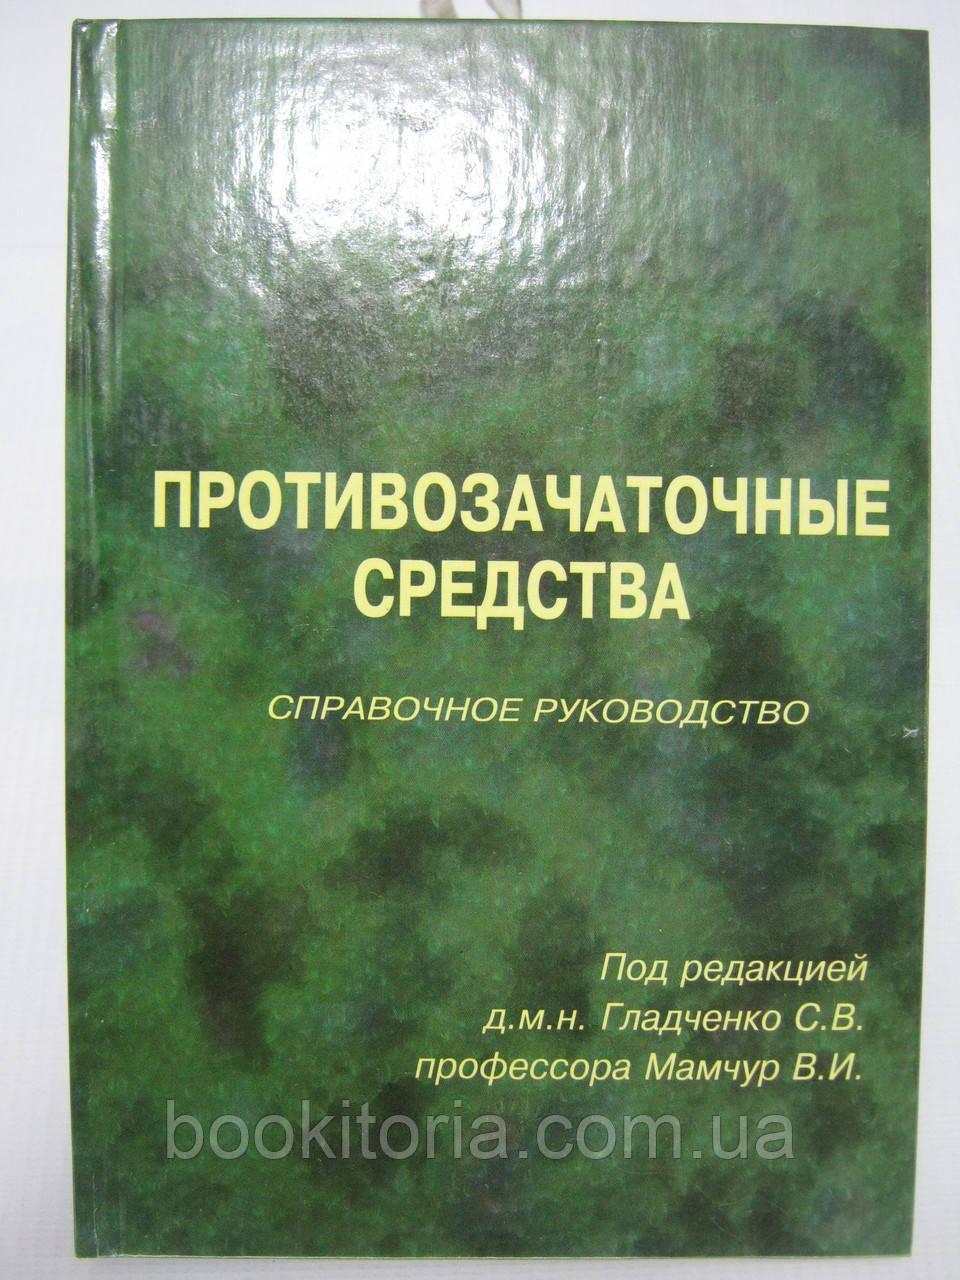 Гладченко С.В. и др. Противозачаточные средства (б/у)., фото 1